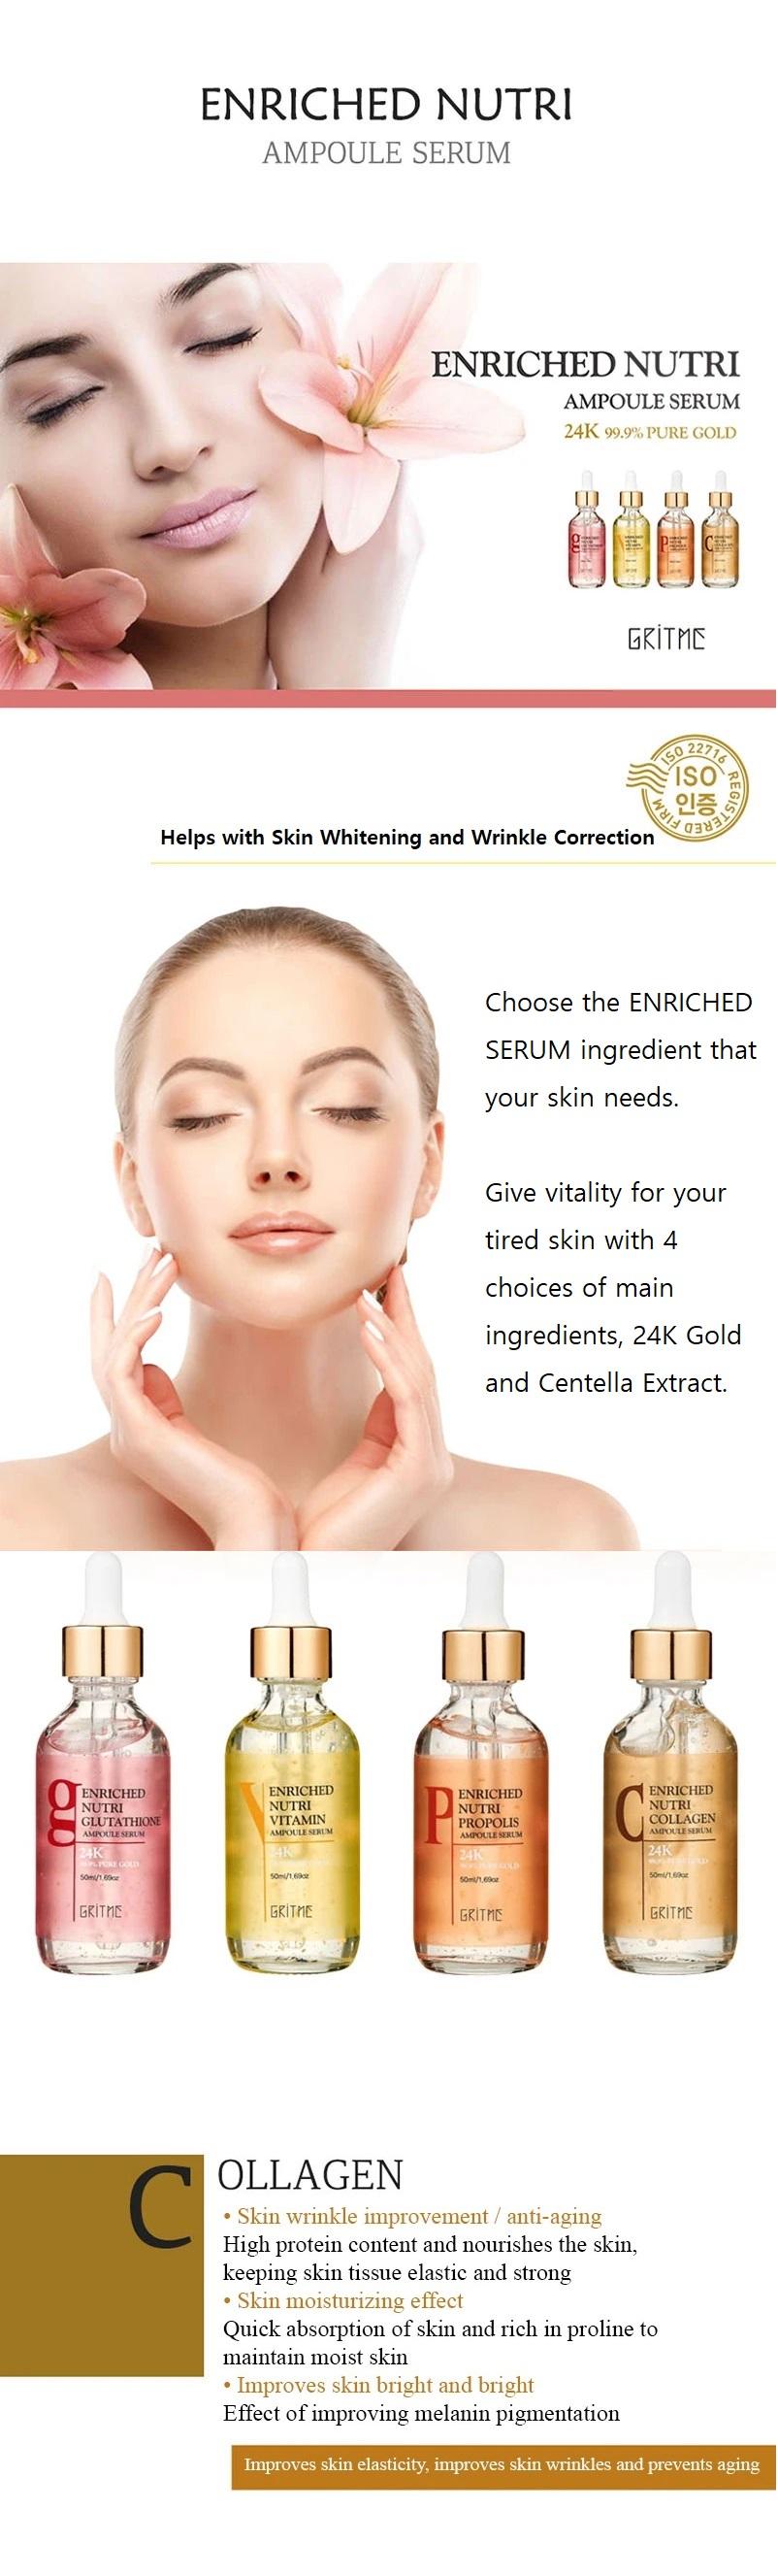 Enriched Nutri Collagen Ampoule Serum 50ml